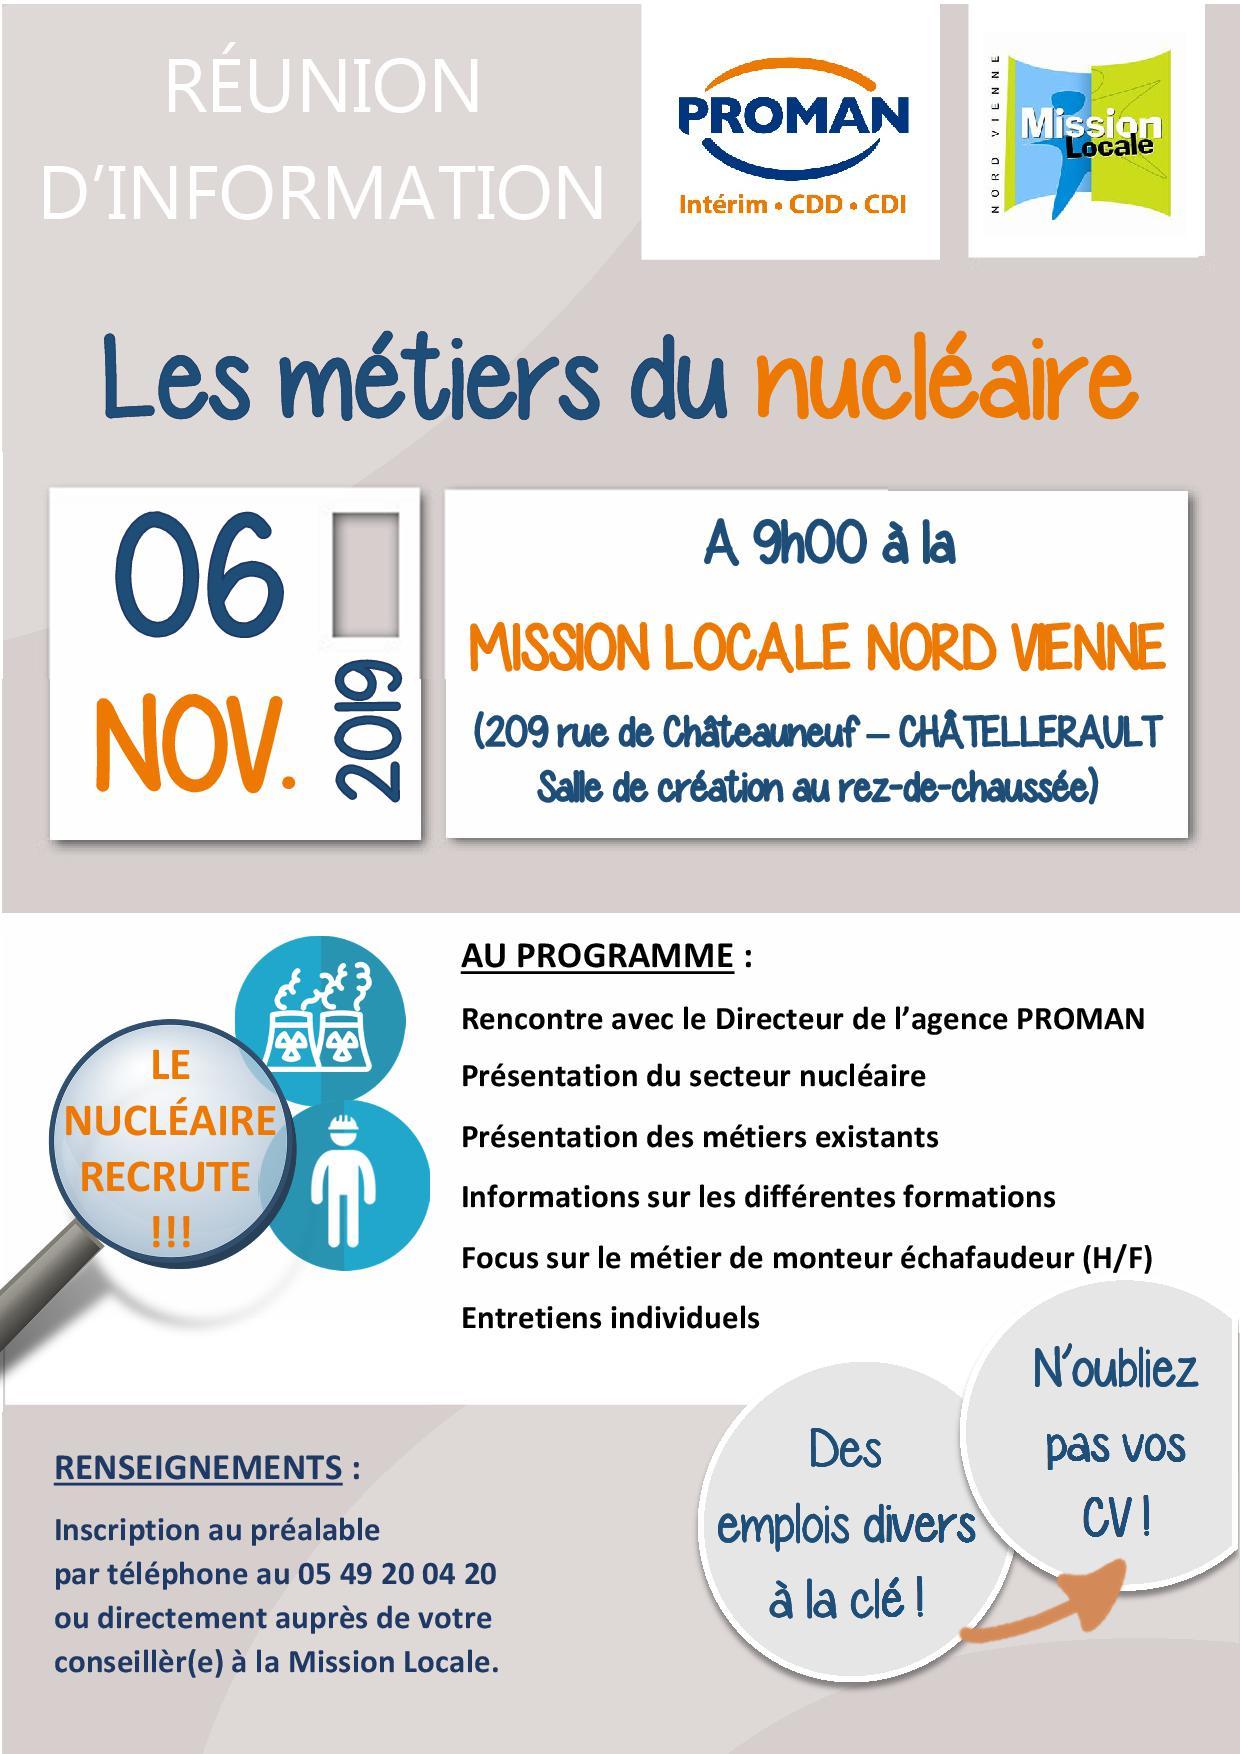 RÉUNION D'INFORMATION : Les métiers du nucléaire